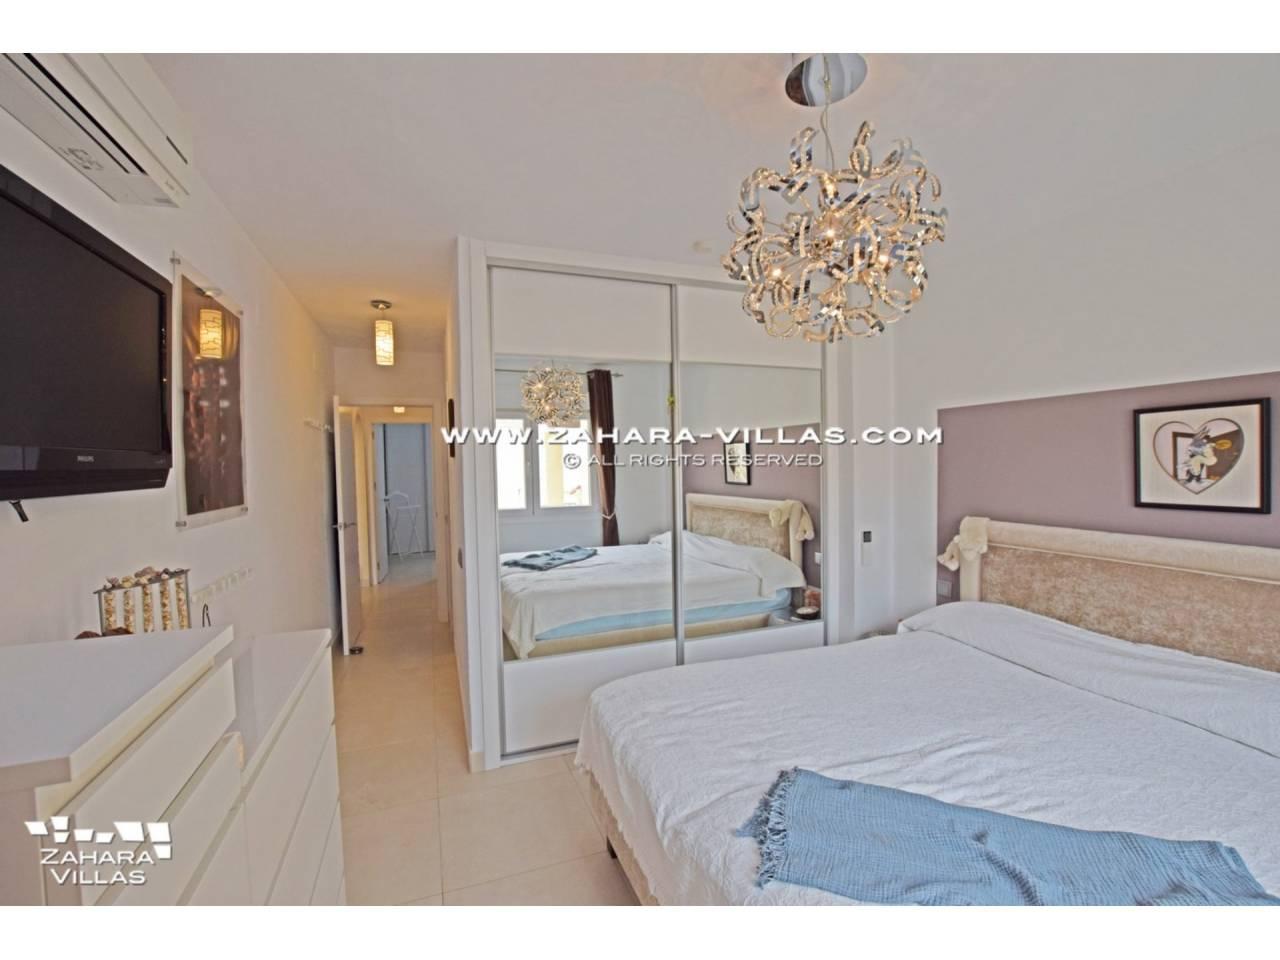 Imagen 29 de Penthouse appartment reformed for sale in Costa de la Luz